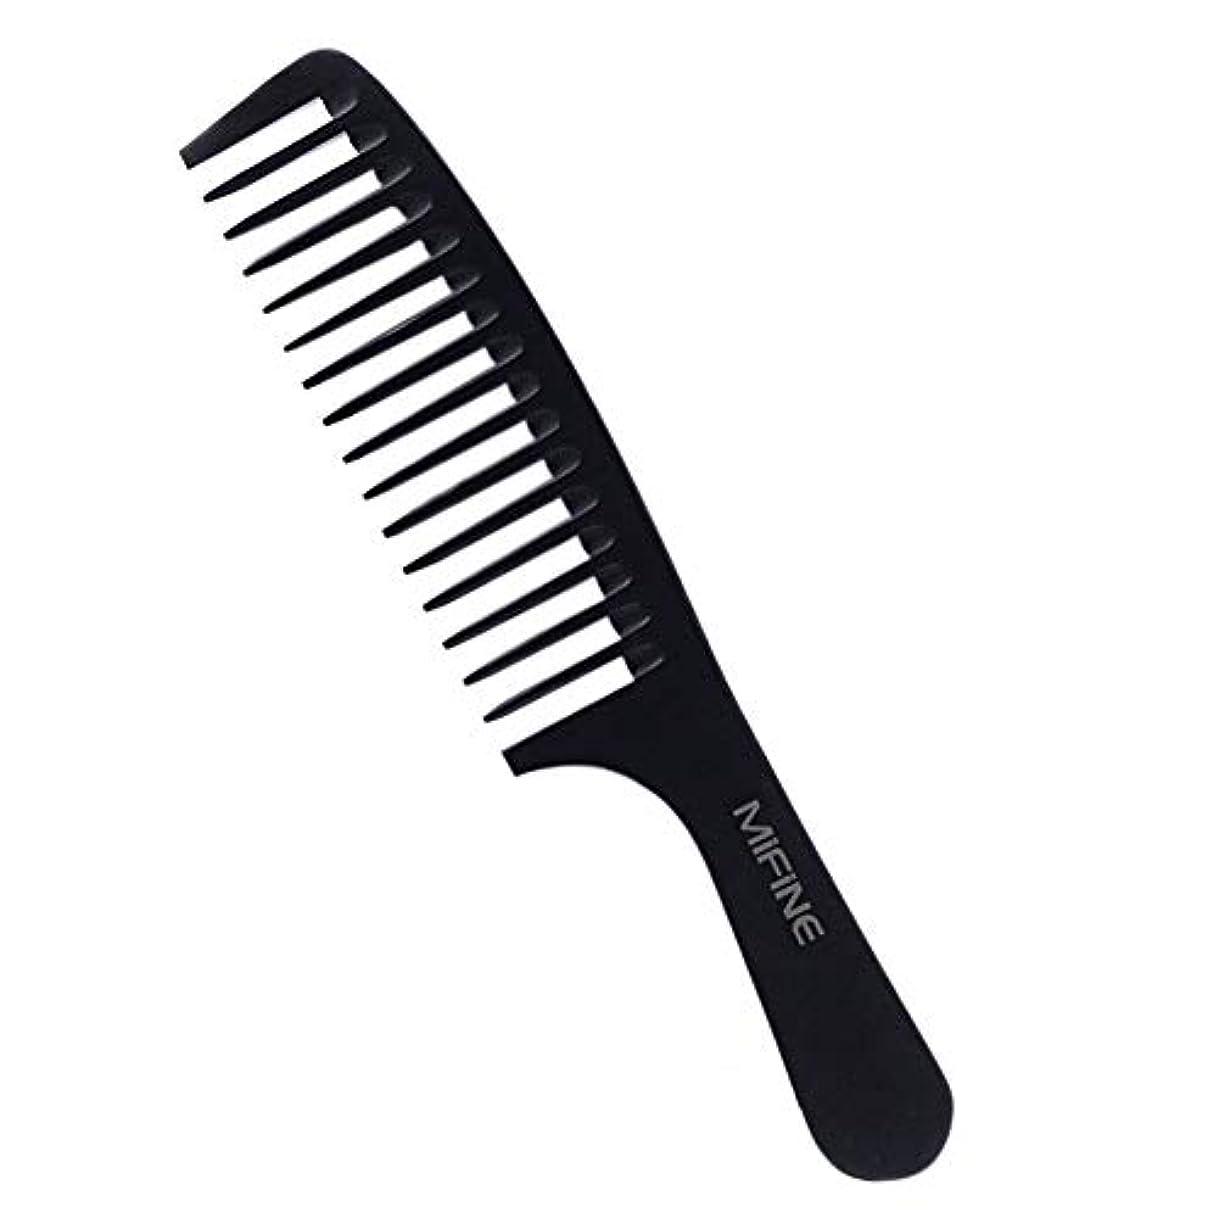 バリーなしで清めるくし あらめ コーム Mifine 櫛 髪 くし メンズ ヘアケア 荒め ヘアブラシ 高級 ベークライト優れた耐熱性 静電気防止 パームヘア 大き目